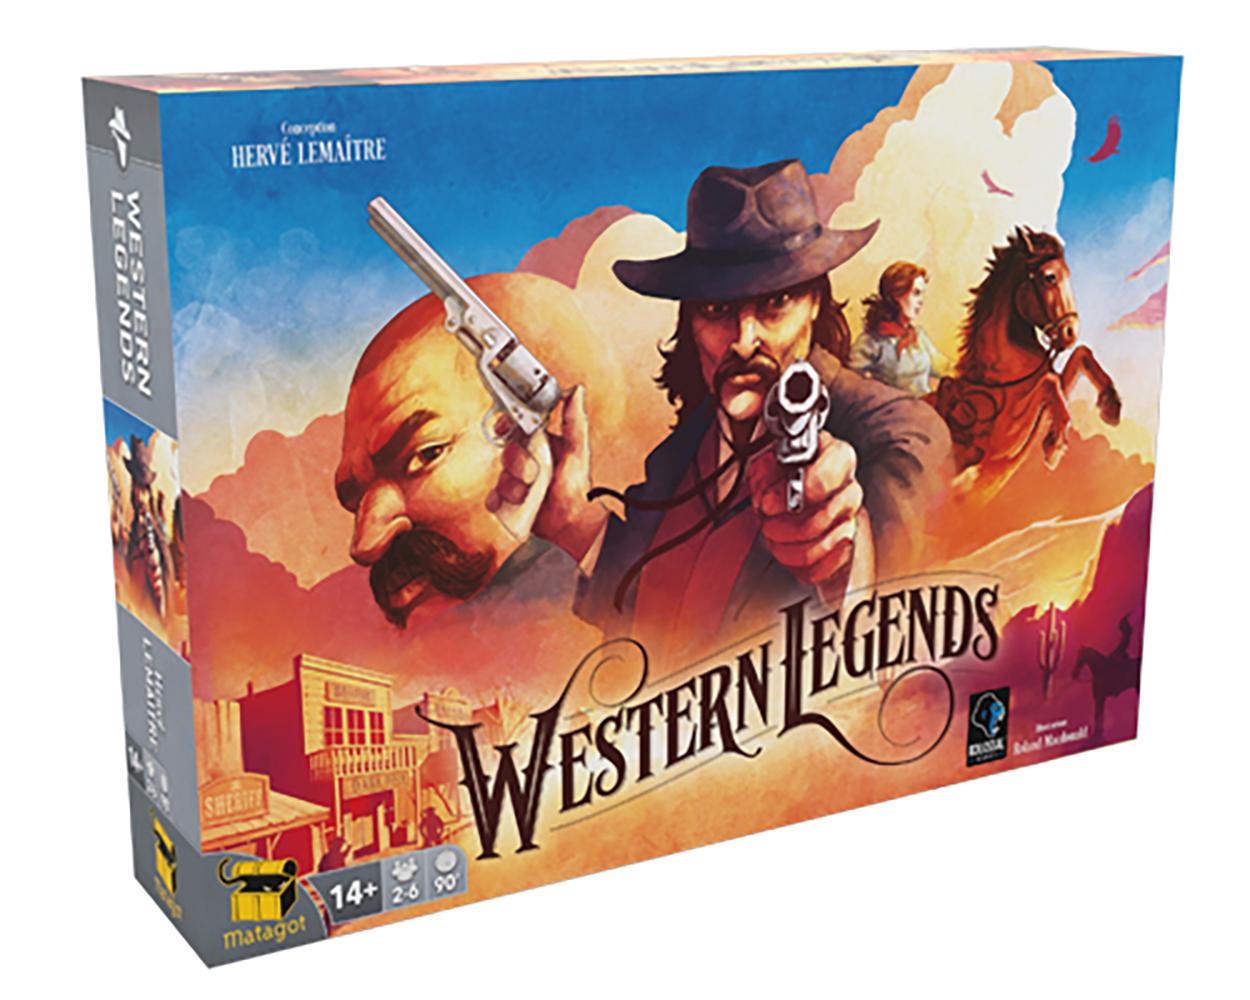 Jeu Western Legends